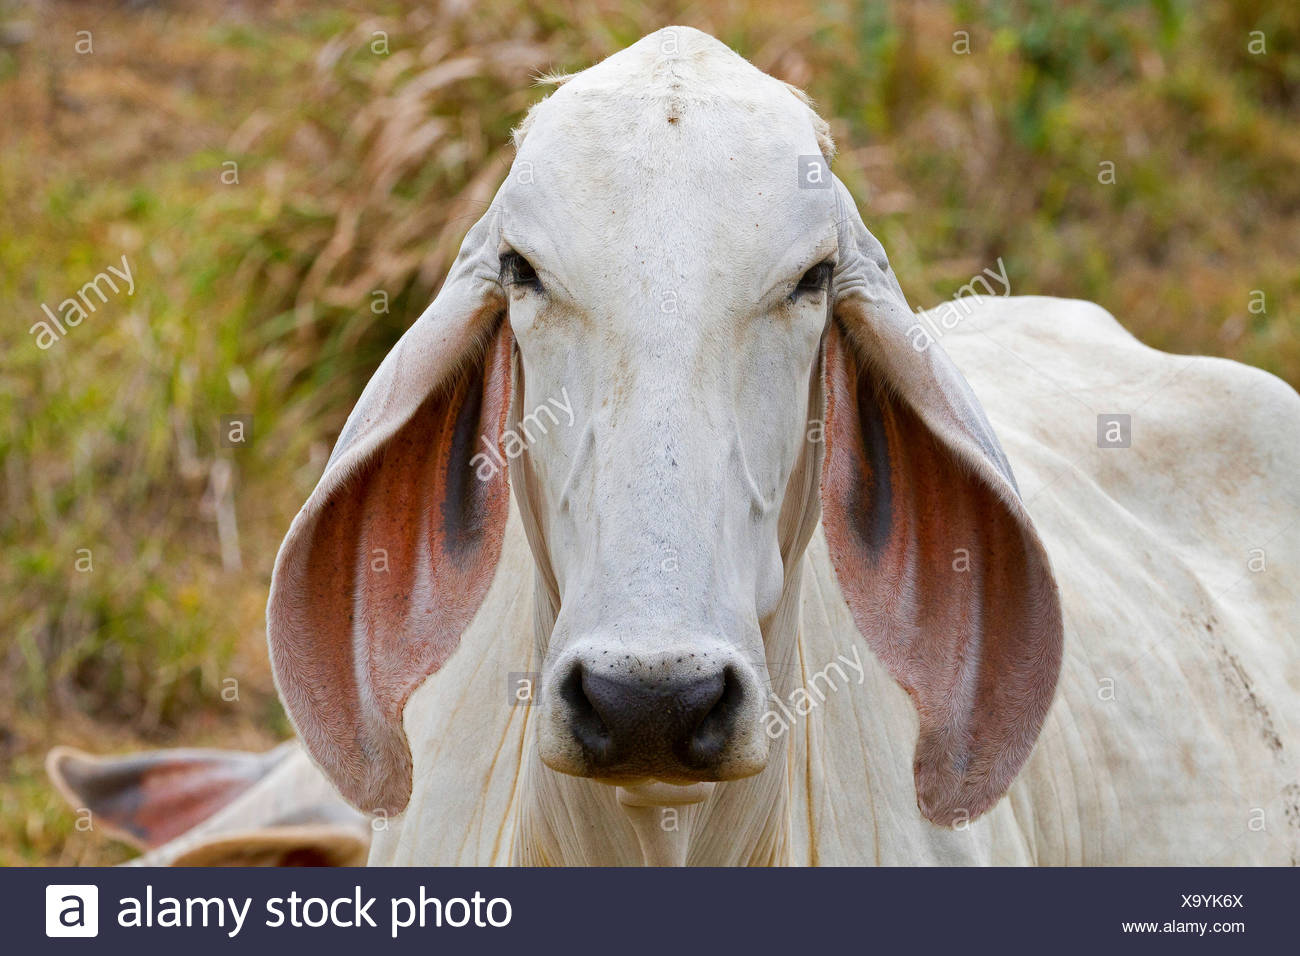 Zebu, Humped Cattle, Indicus Cattle (Bos primigenius indicus, Bos indicus), portrait, Costa Rica, Jaco - Stock Image